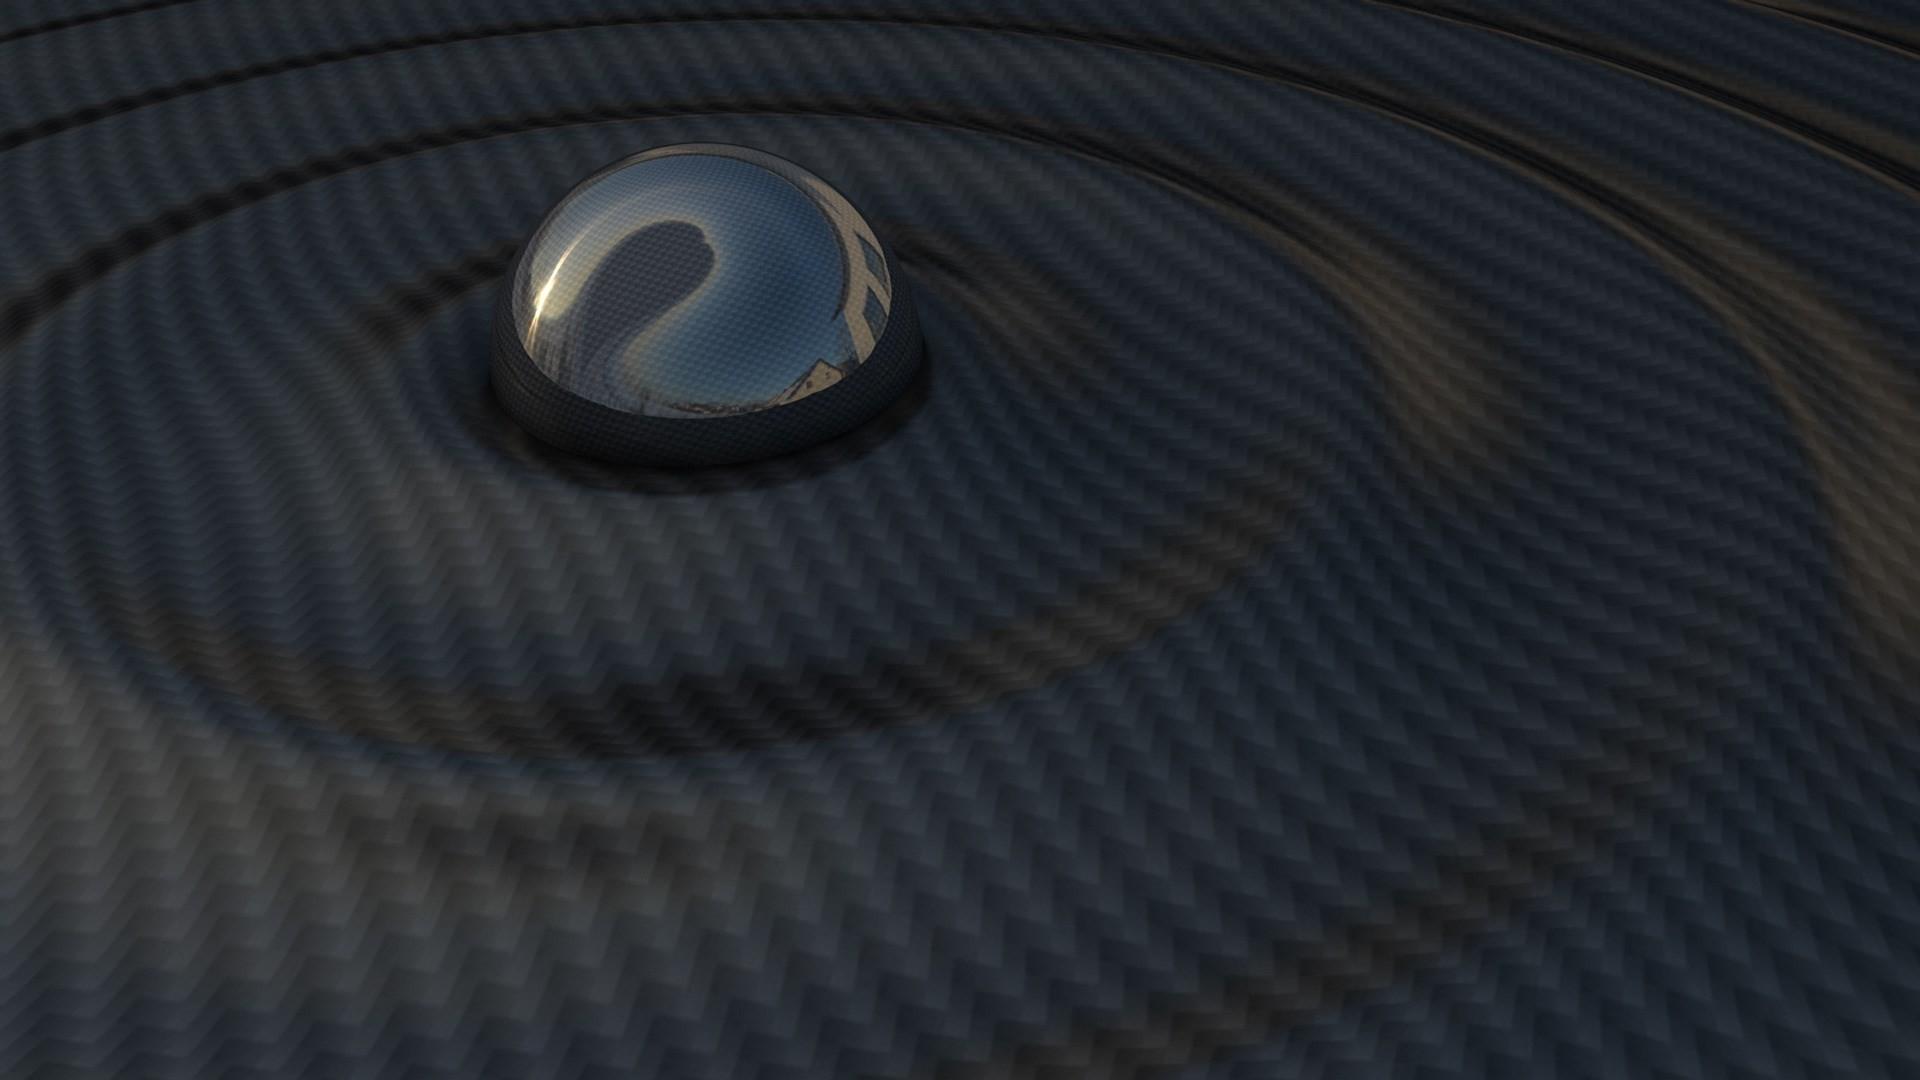 carbon fiber images for backgrounds desktop free